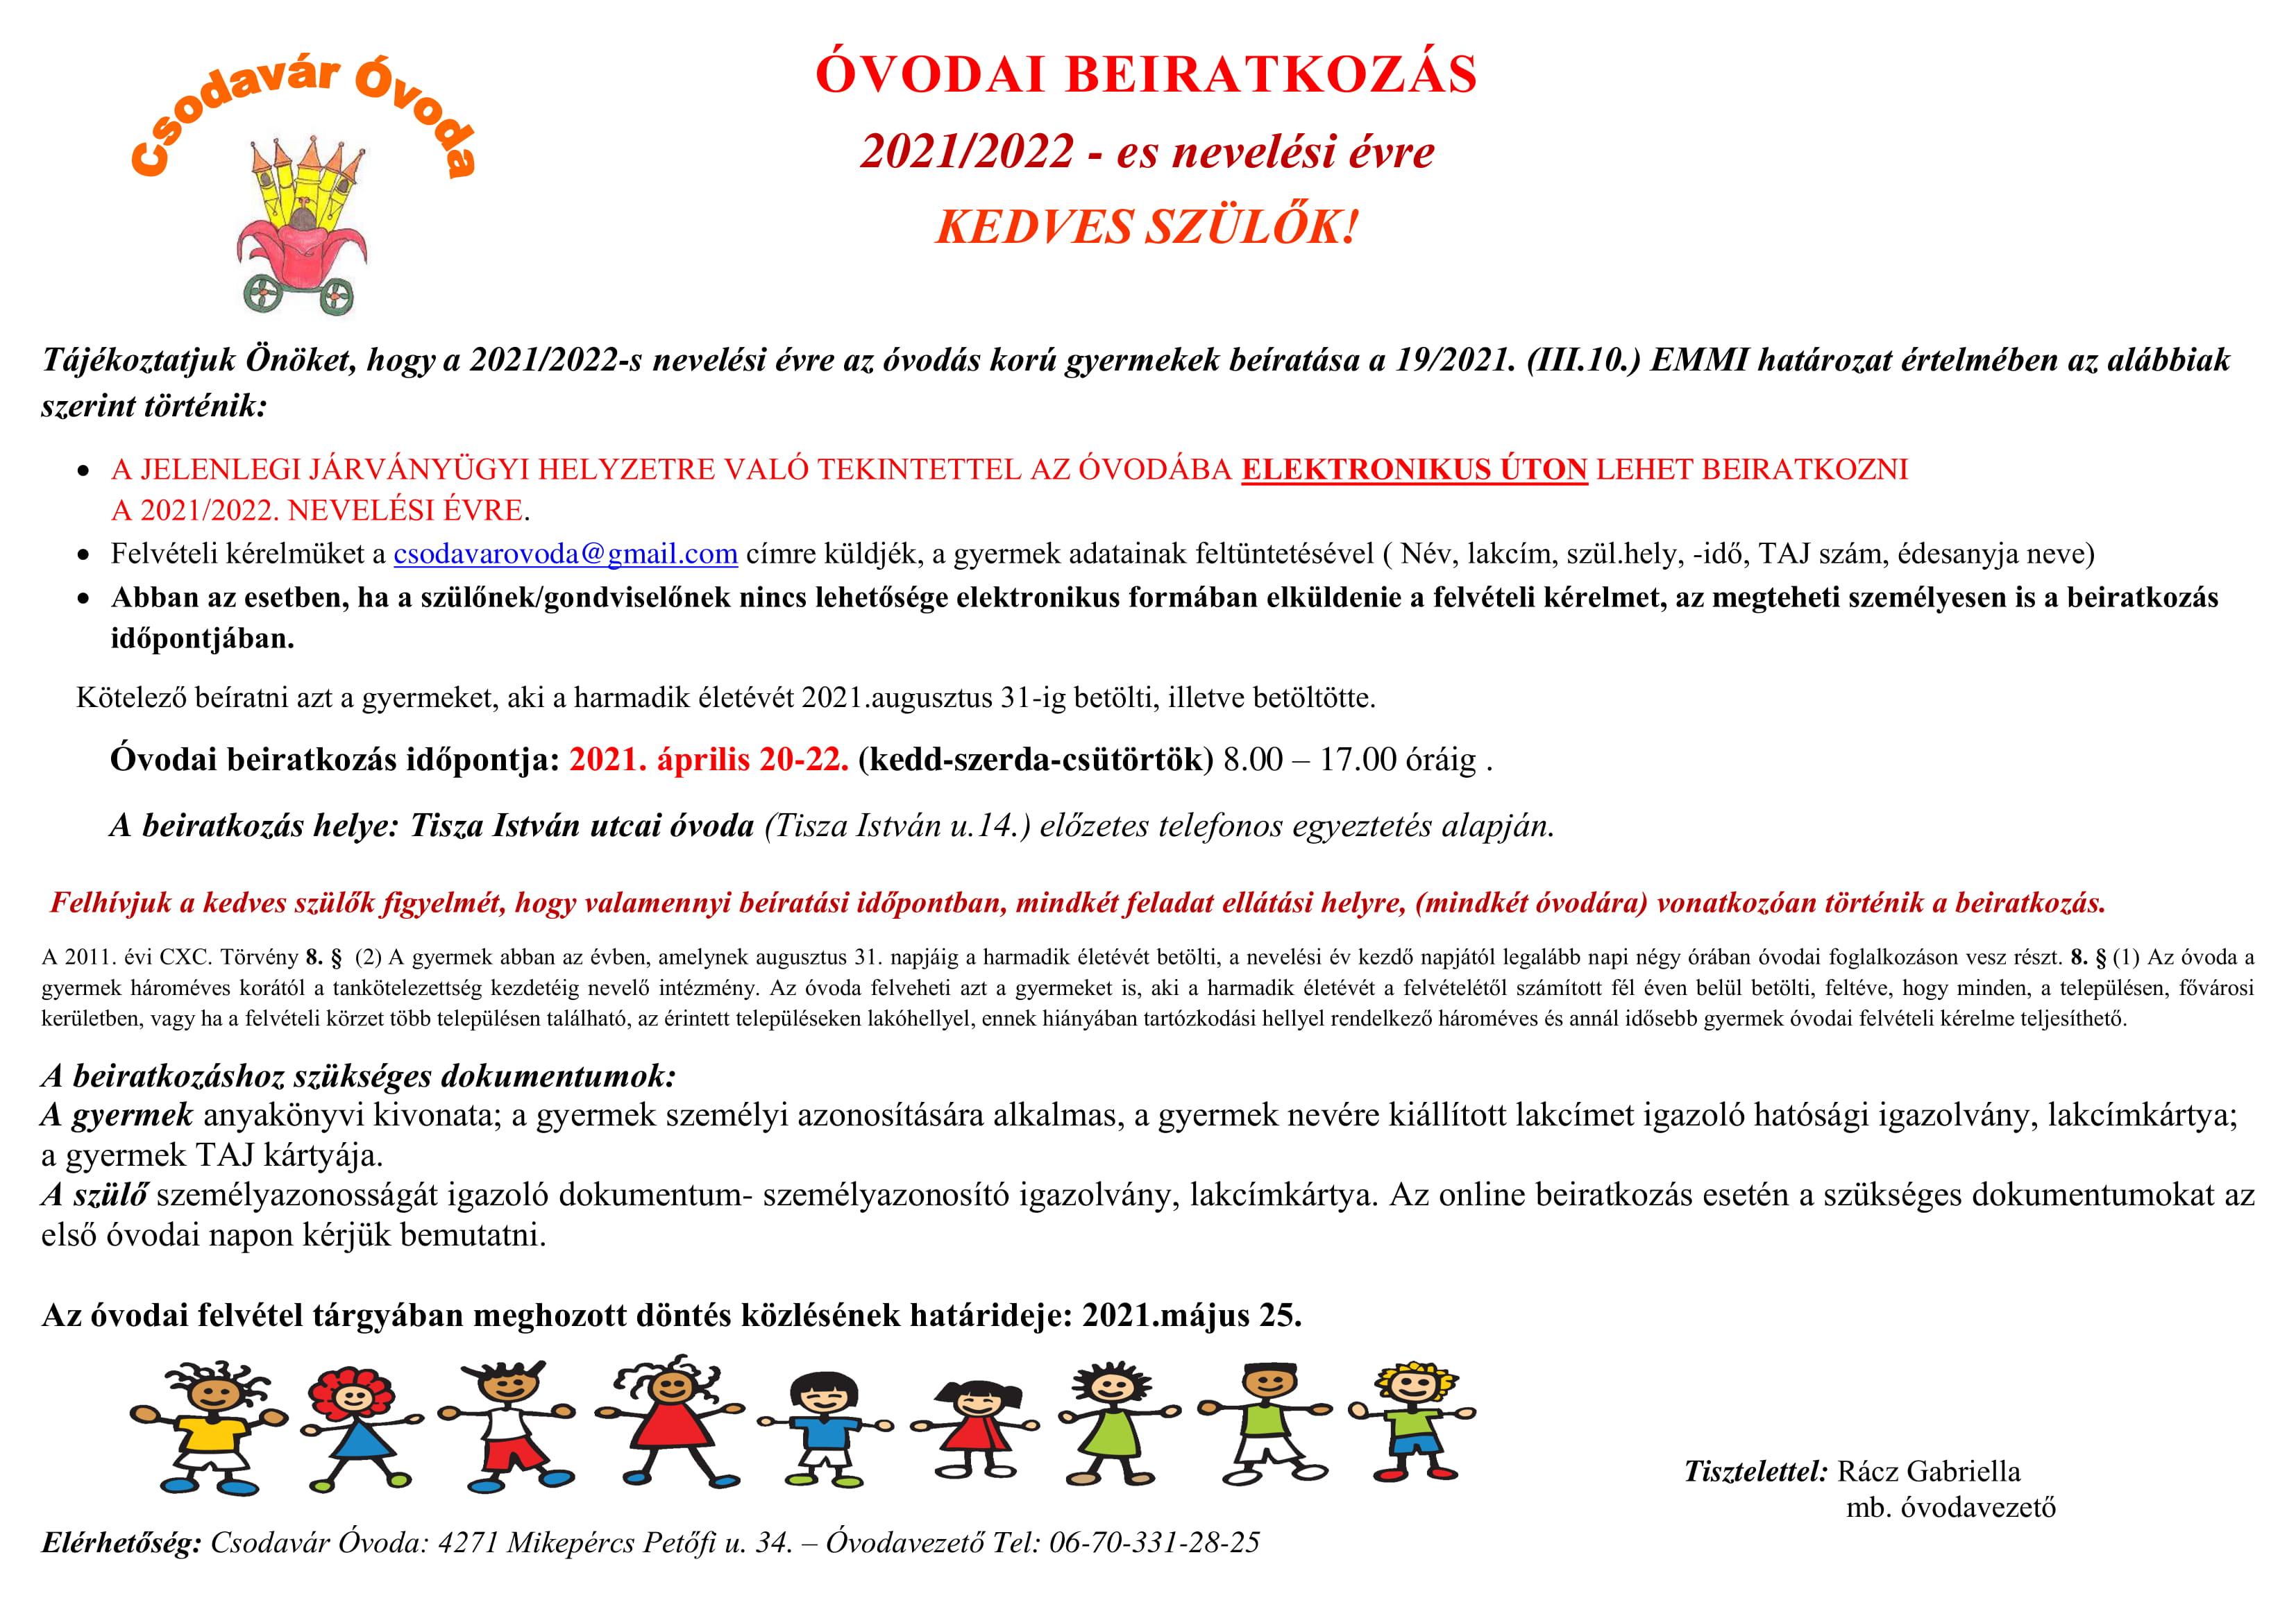 Óvodai beiratkozás a 2021/2022-es nevelési évre